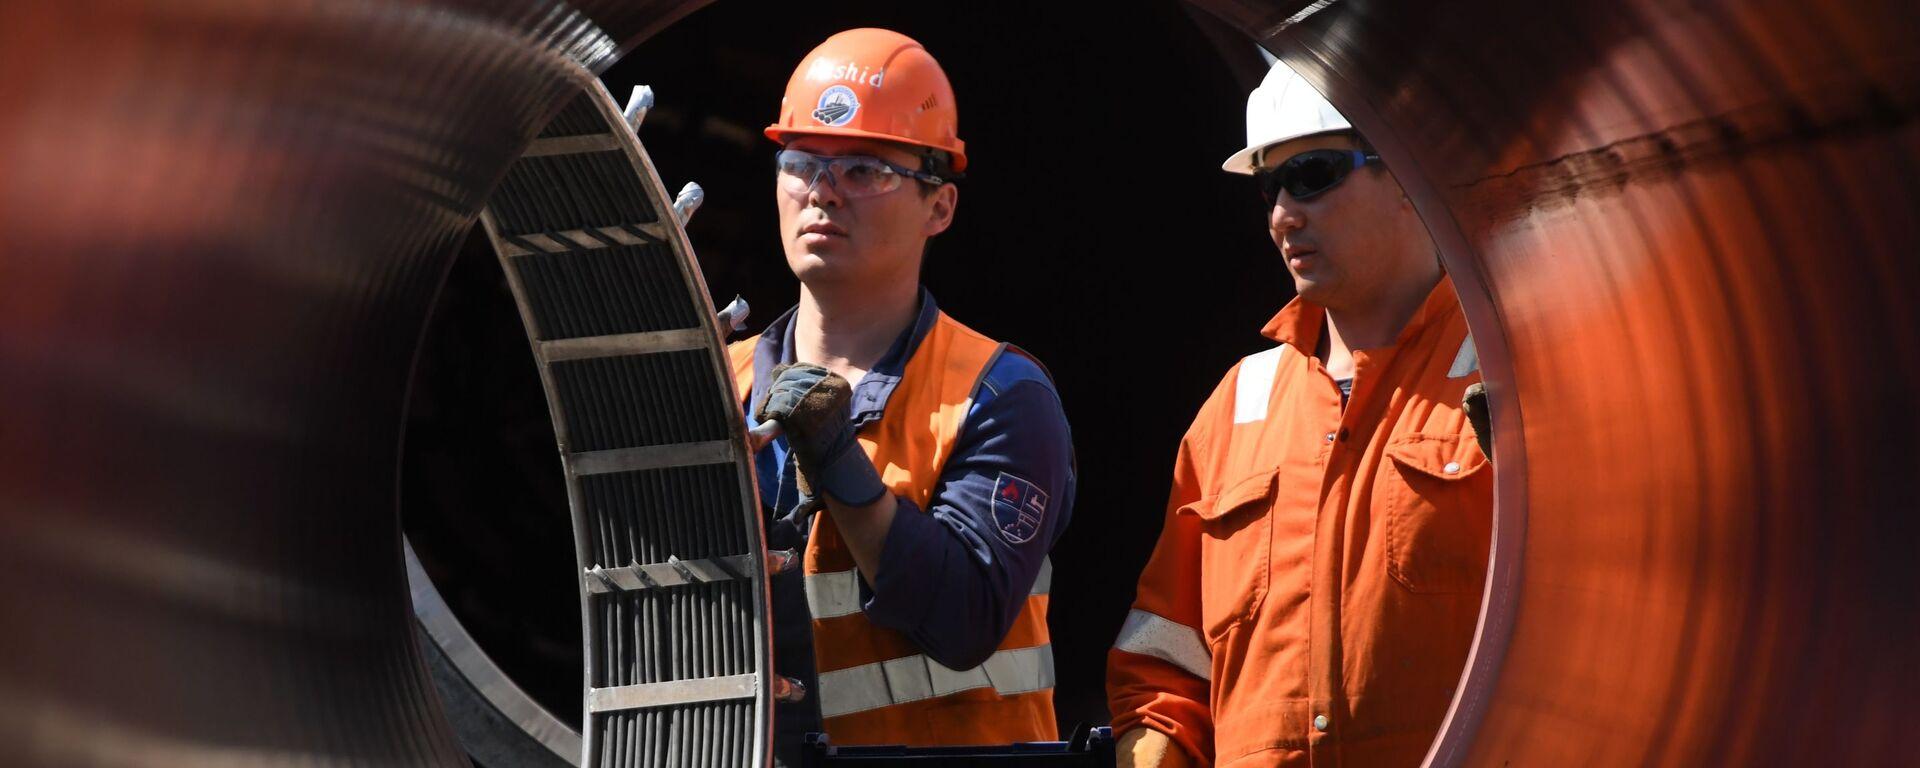 Рабочие на участке строительства газопровода Северный поток-2 в Ленинградской област - Sputnik Тоҷикистон, 1920, 13.05.2021